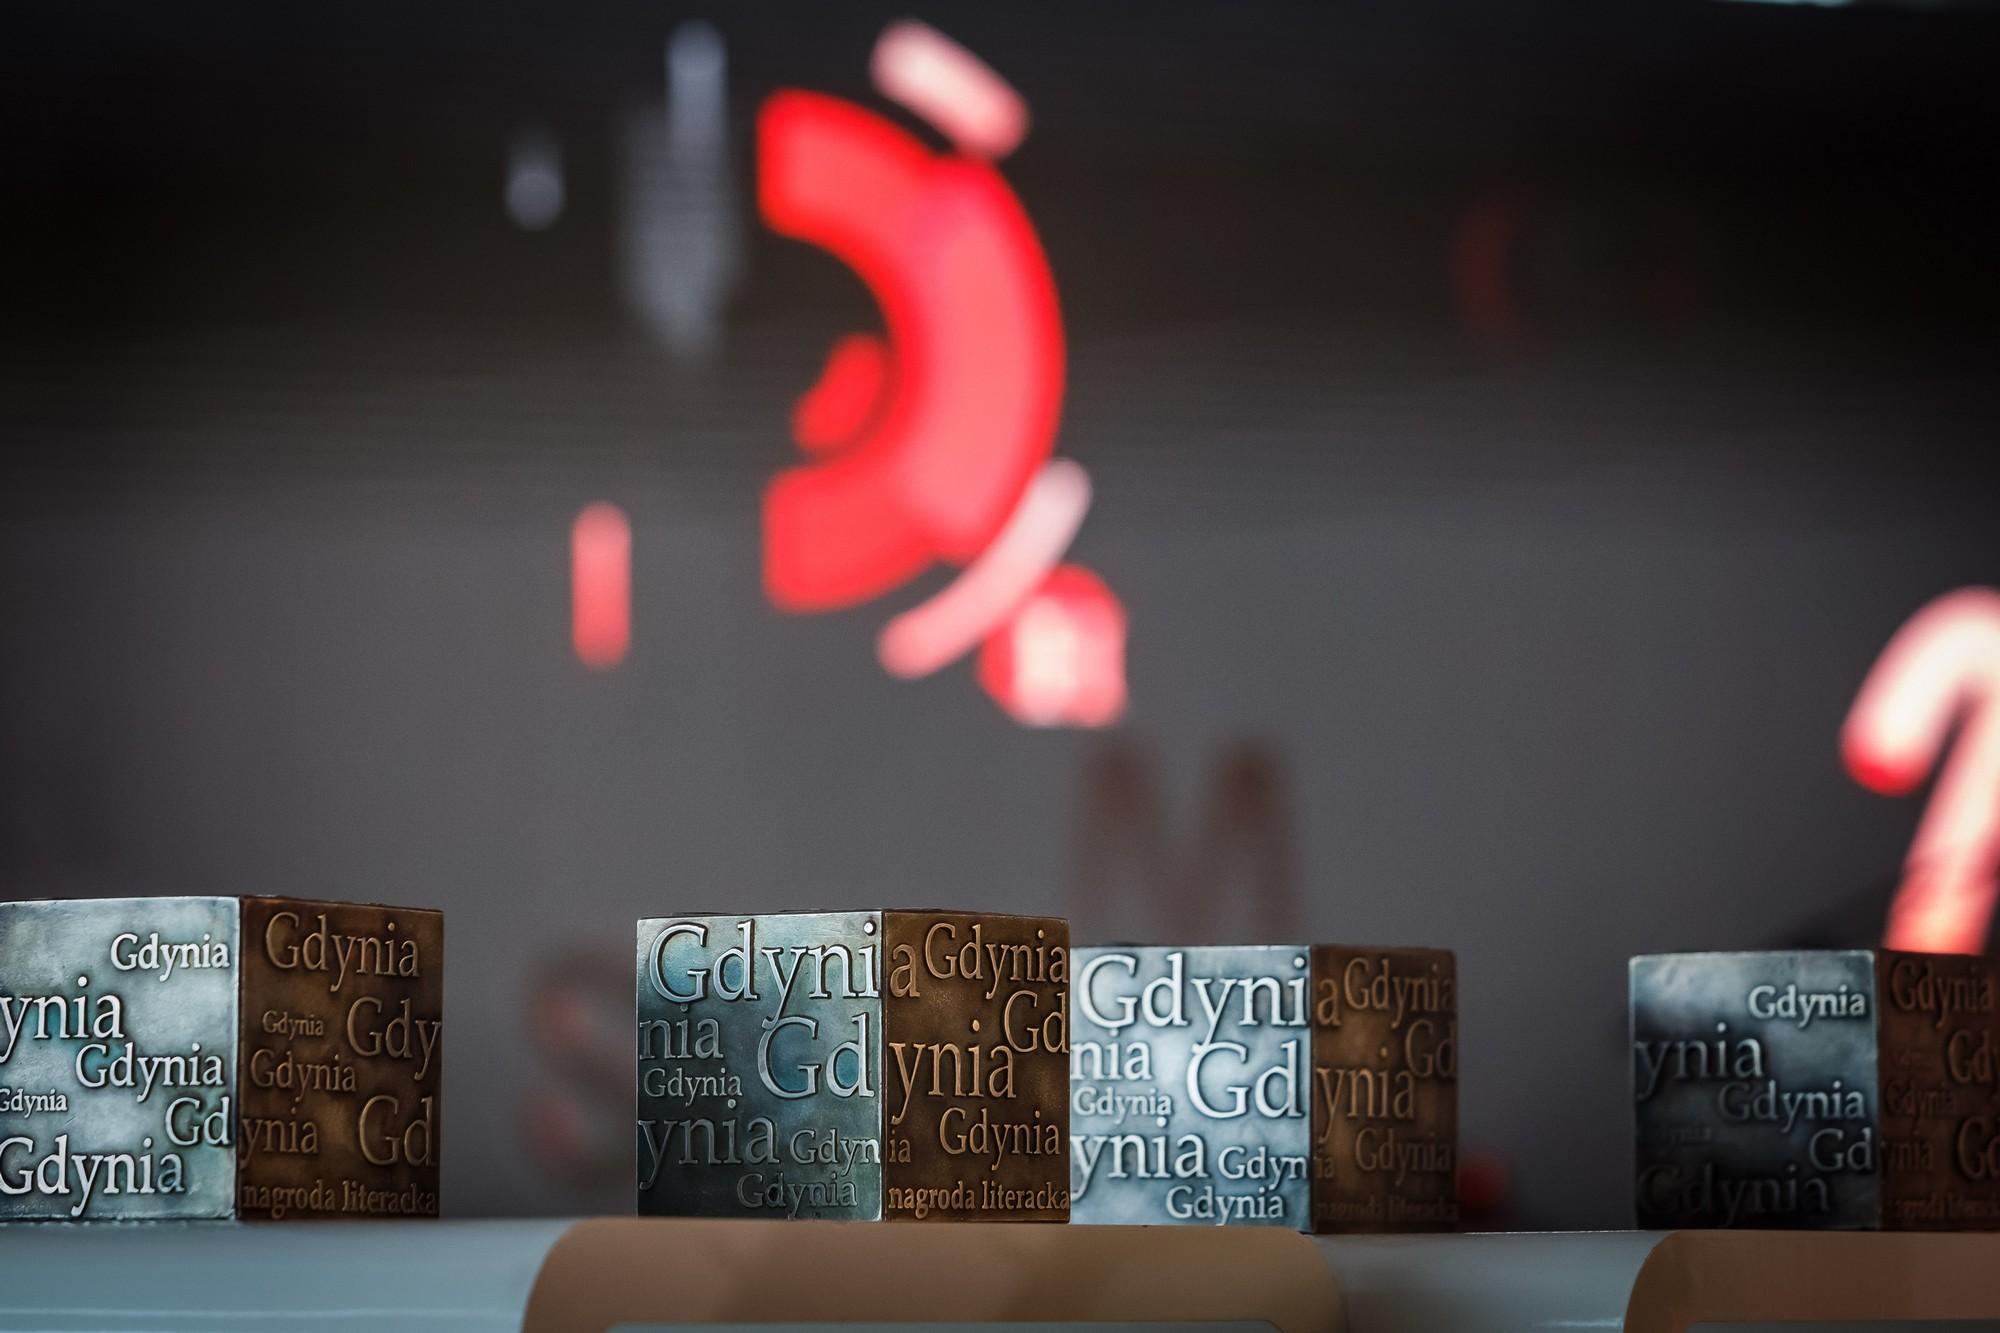 Nagroda Literacka Gdynia, kostki, fot. Wojtek Rojek (źródło: materiały prasowe organizatora)